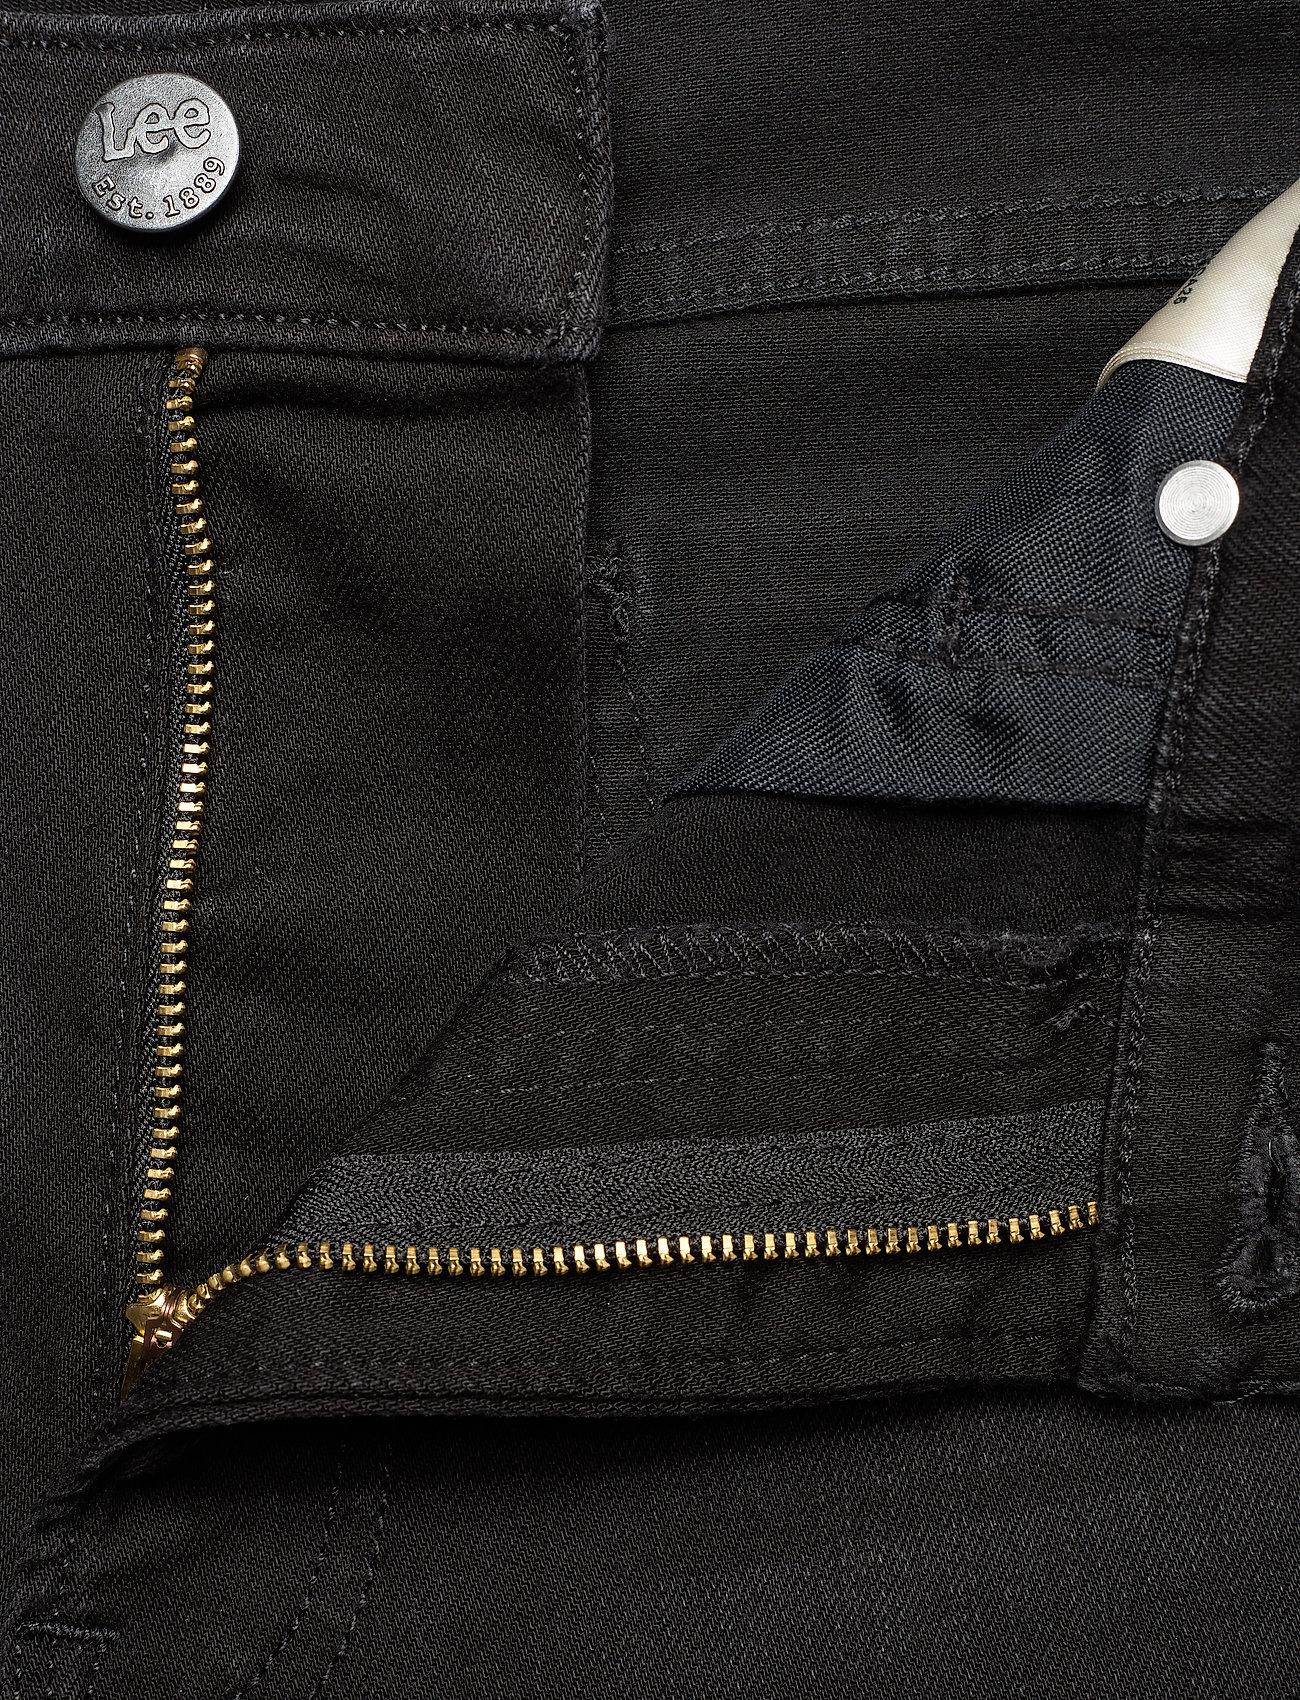 Lee Jeans Luke - Jeans MOTO BLACK - Menn Klær